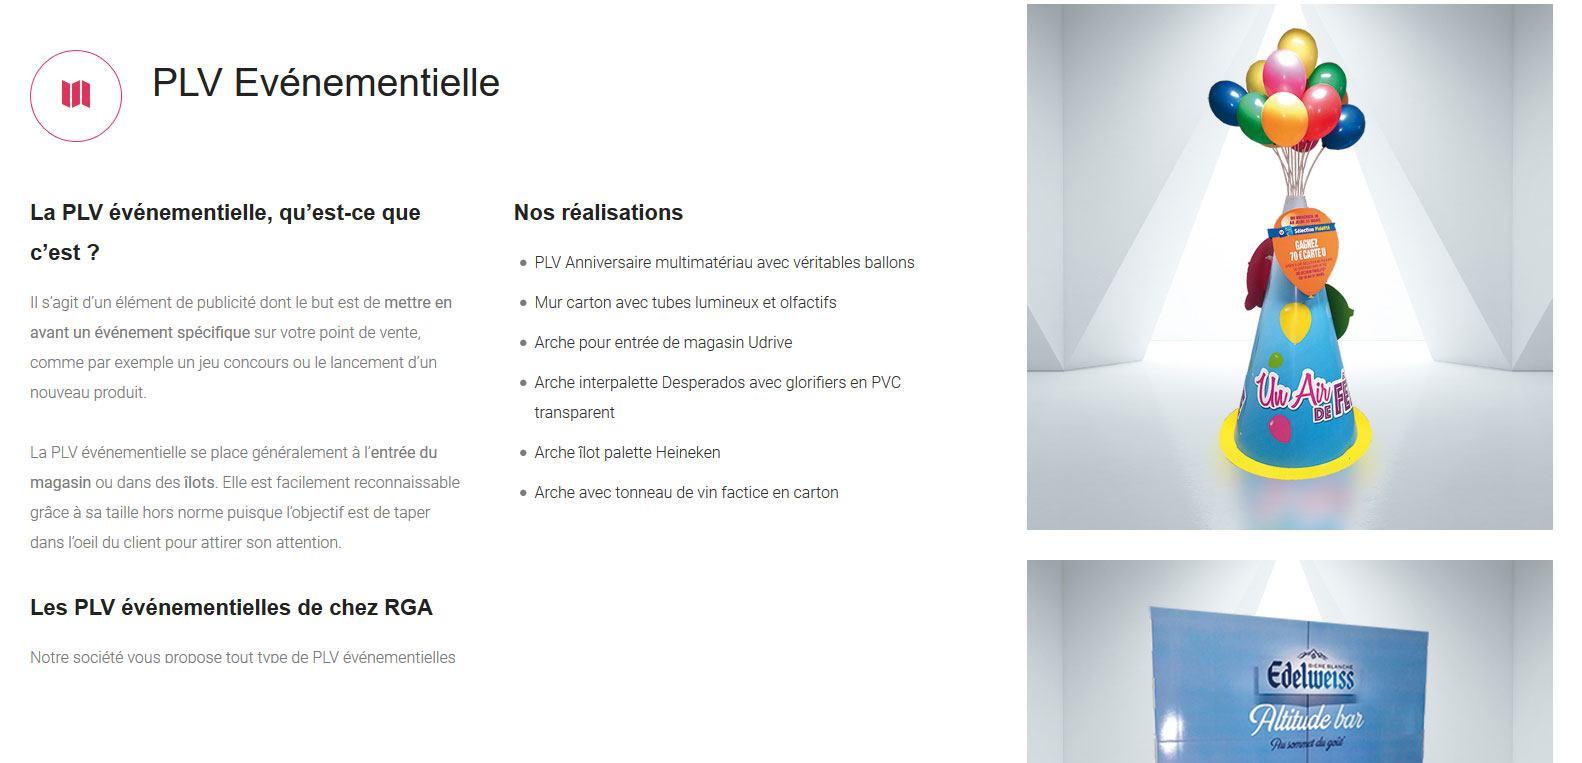 Le PLV événementiel avec RGA. Un client Karedess agency, une agence web situé à Mulhouse